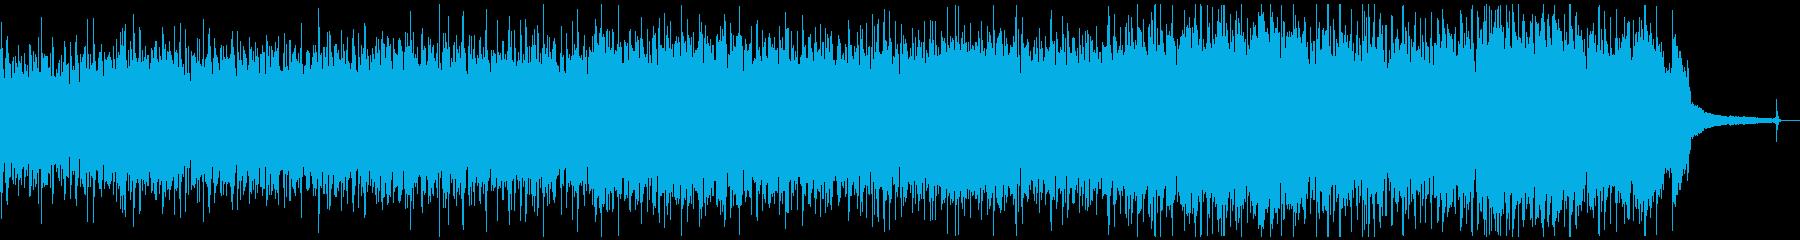 バイオリンの伝統的なフォークミュージックの再生済みの波形